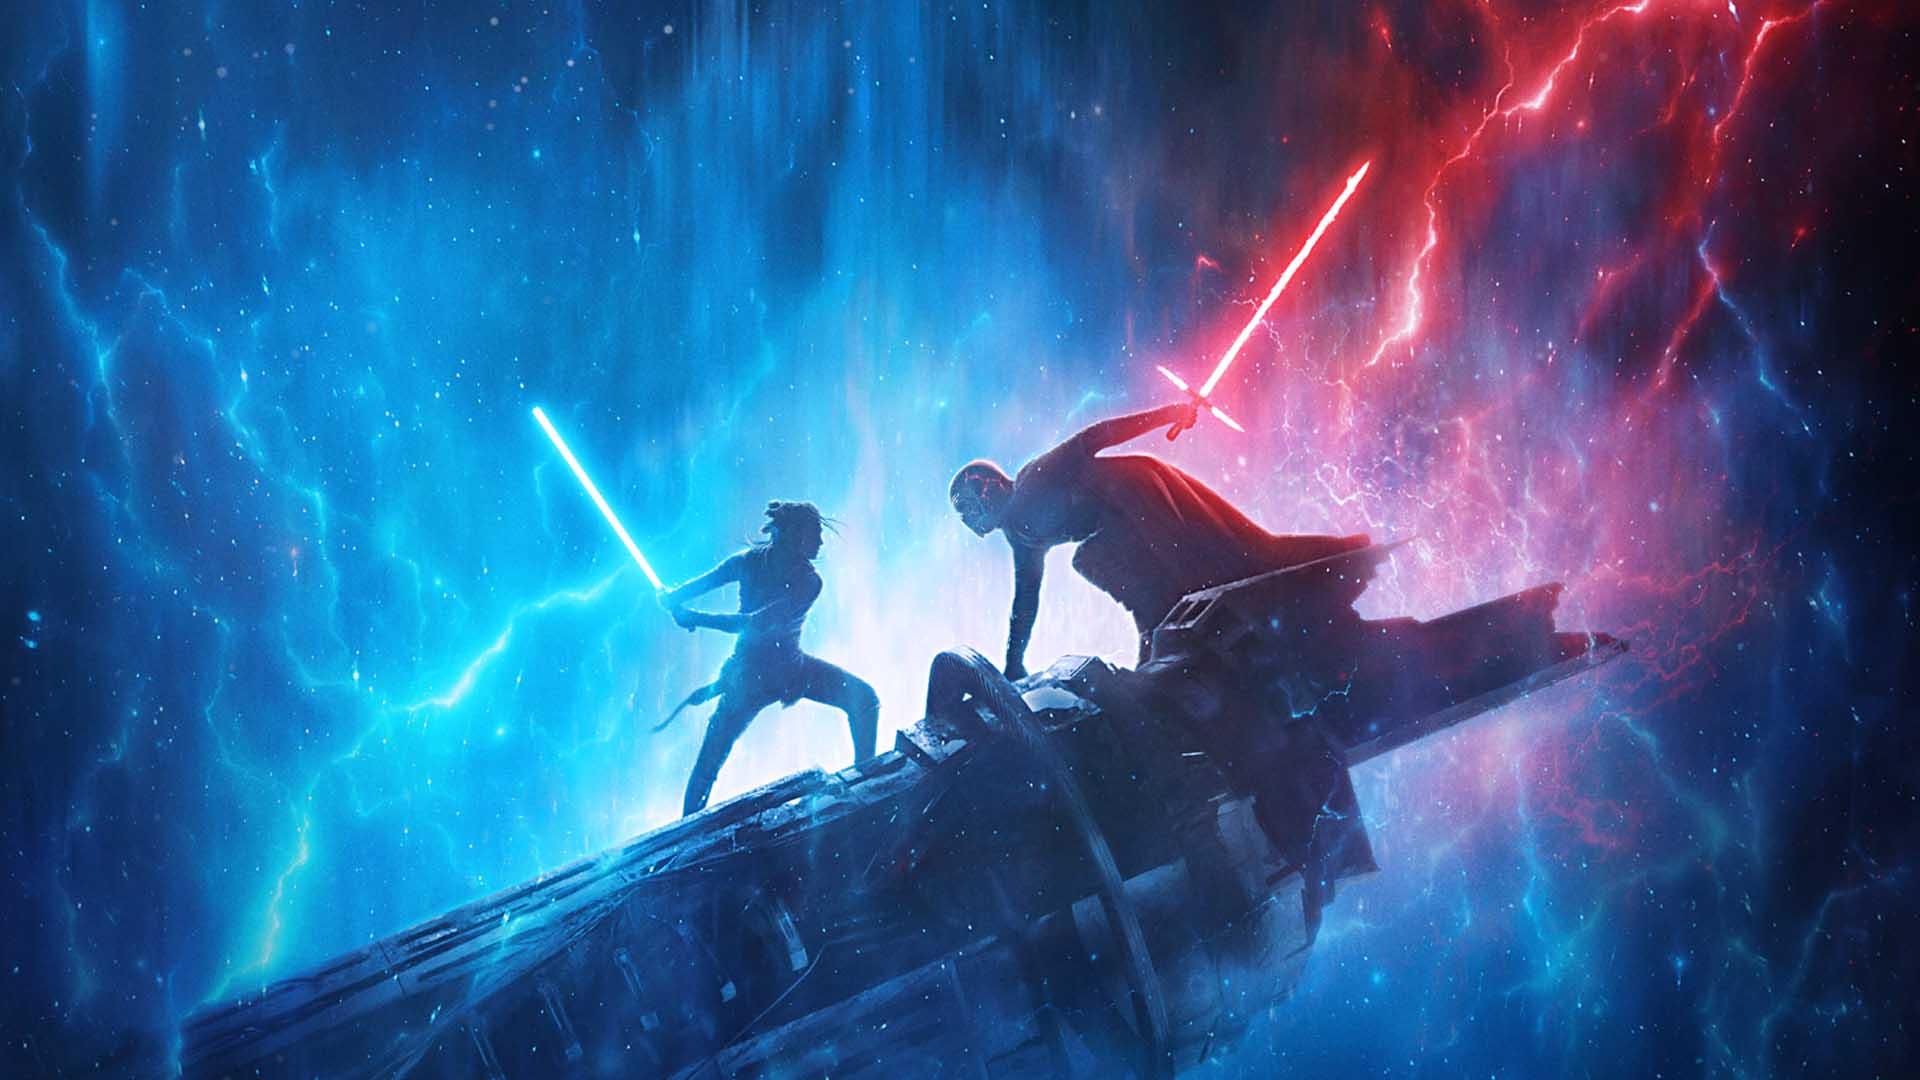 Star Wars prossimi film